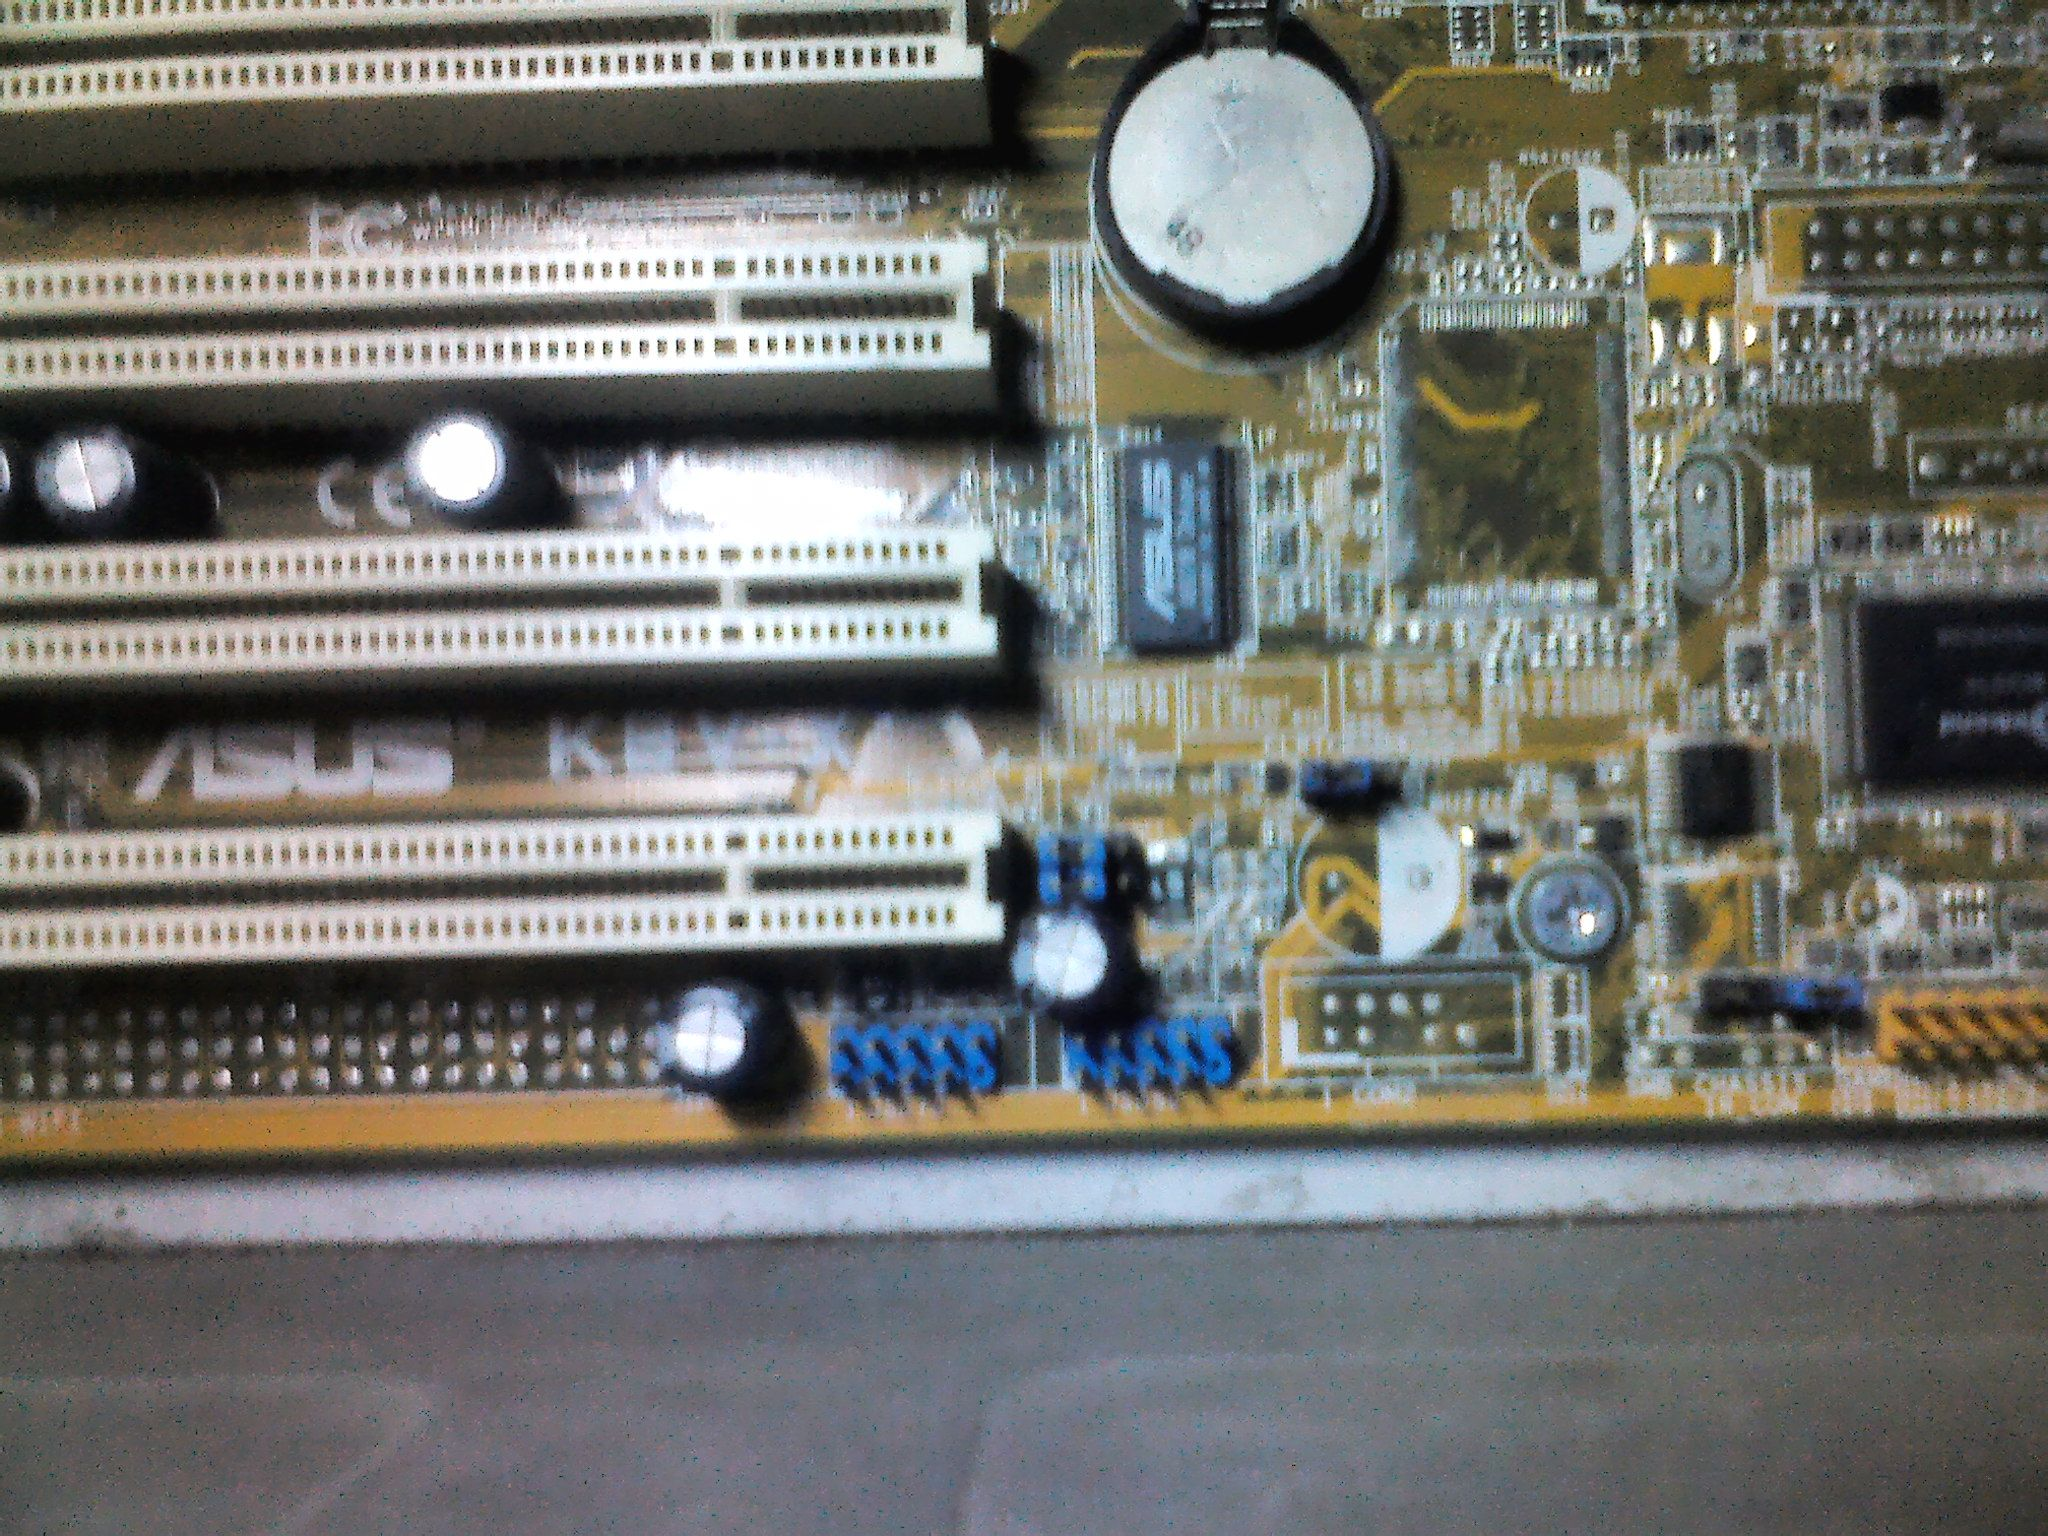 华硕主板k8v-x主板跳线接法 主板上有2个蓝色9针接线柱模块不知怎样